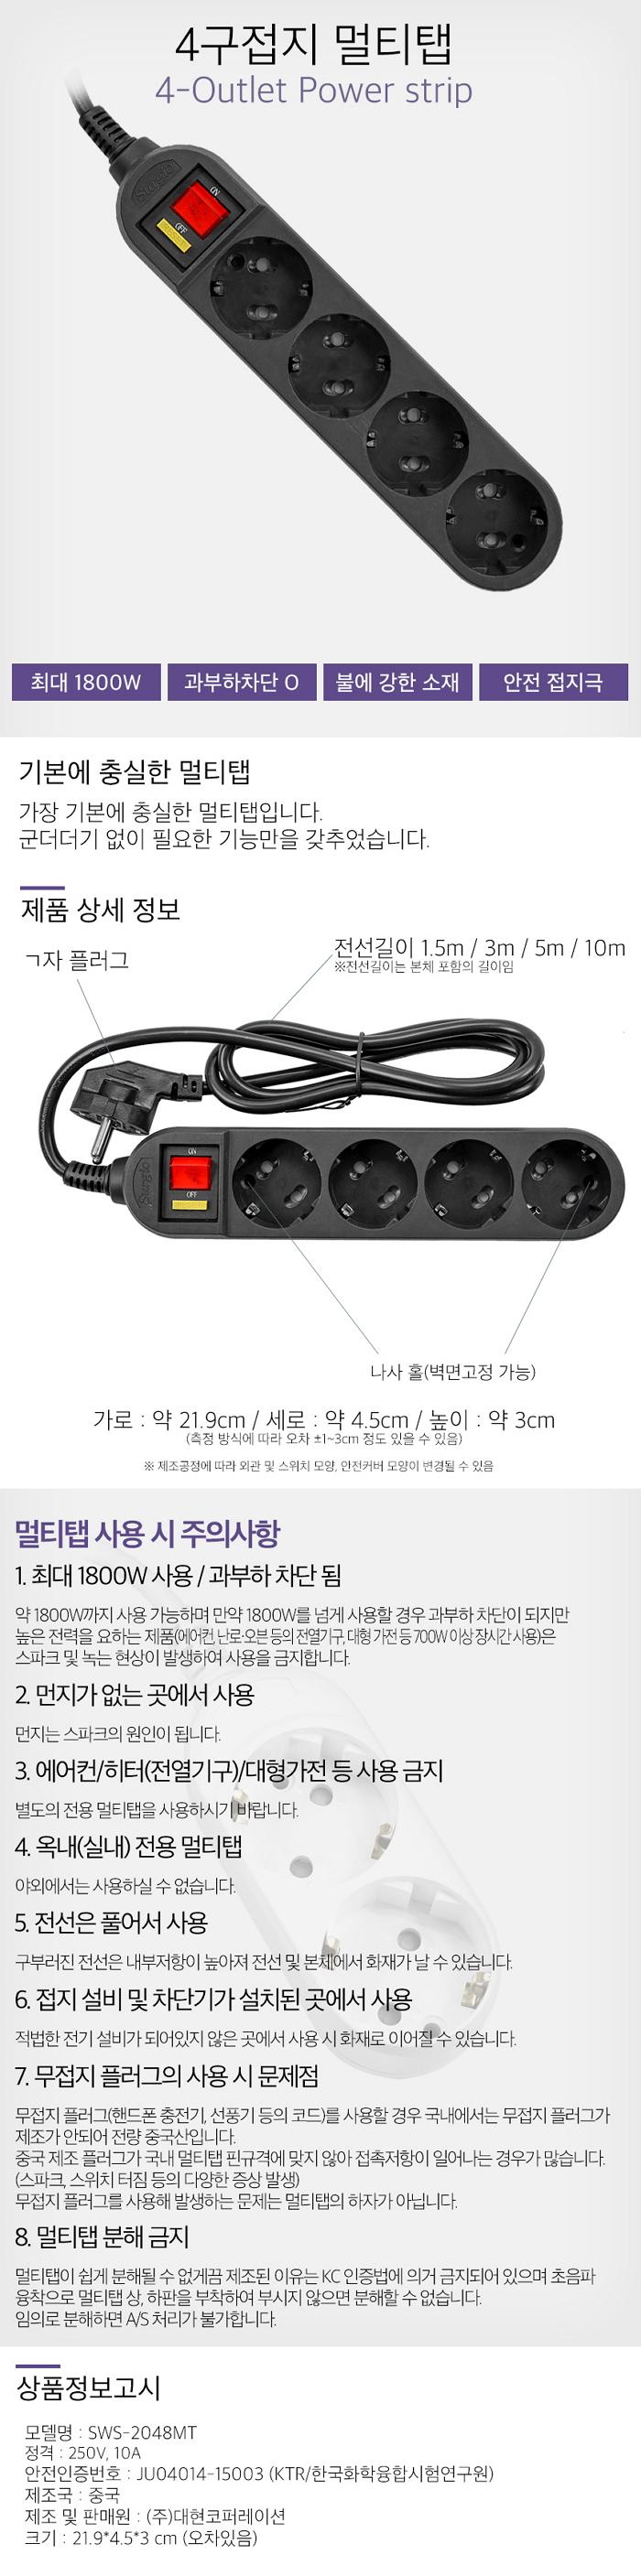 대현코퍼레이션 써지오 4구 10A 블랙 멀티탭(10m)